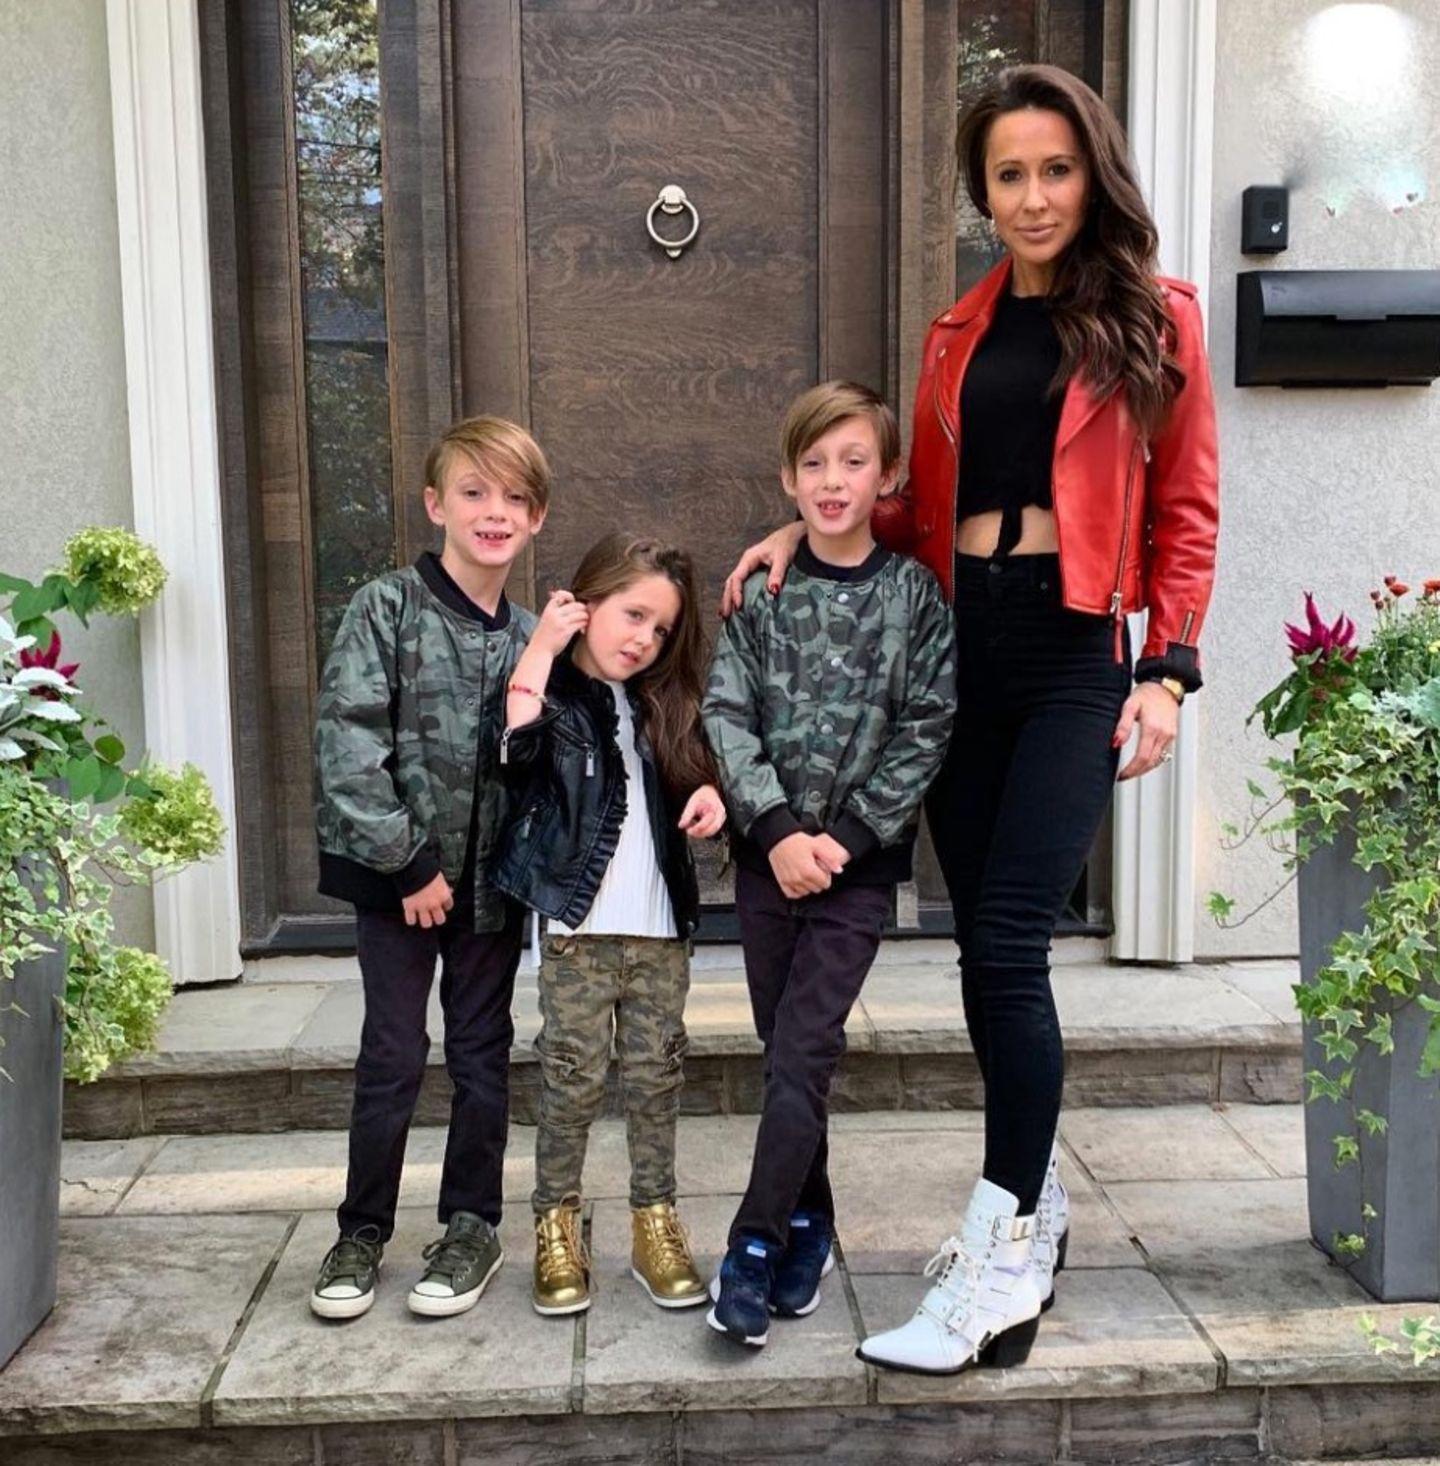 Die Kinder von Jessica Mulroney  Jessica Mulroney ist eine enge Freundin von Herzogin Meghan und hat drei coole Kids. Die Zwillinge John und Brian werden vermutlich schon zu alt sein, um mit Baby Sussex zu spielen. AberIvy freut sich bestimmt schon auf einen jüngeren Spielgefährten, damit sie nicht mehr die Kleinste im Bunde ist.